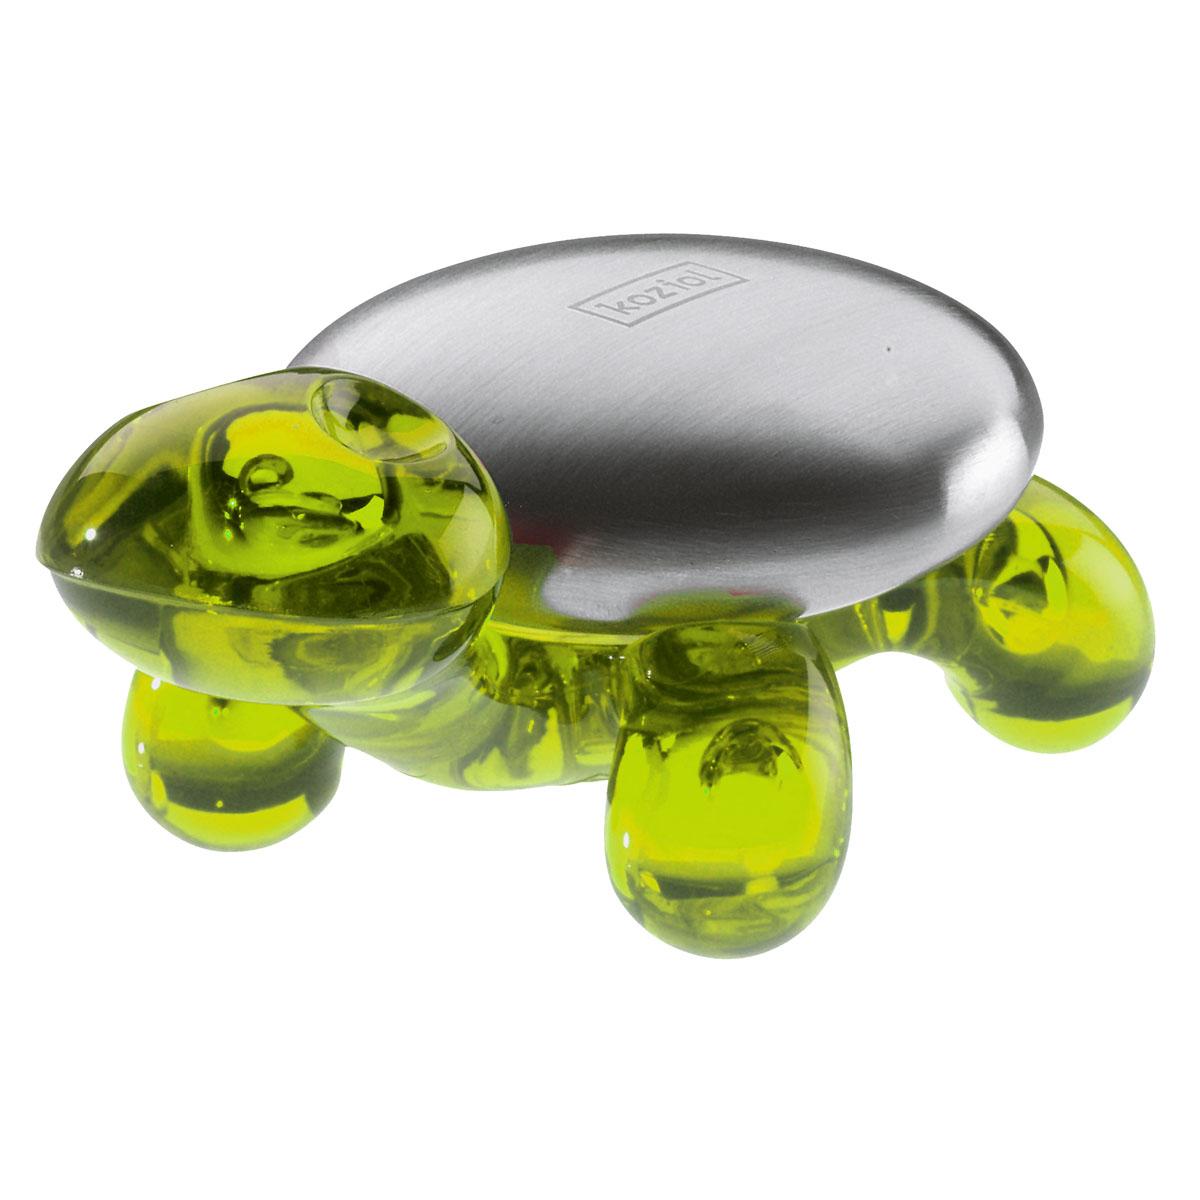 Металлическое мыло AMANDA Koziol, оливковый004.120500.007Металлический кусок мыла на изящной подставке в виде черепахи избавляет руки от неприятного запаха чеснока или лука. При контакте с водой металл мгновенно нейтрализует и устраняет неприятный запах.